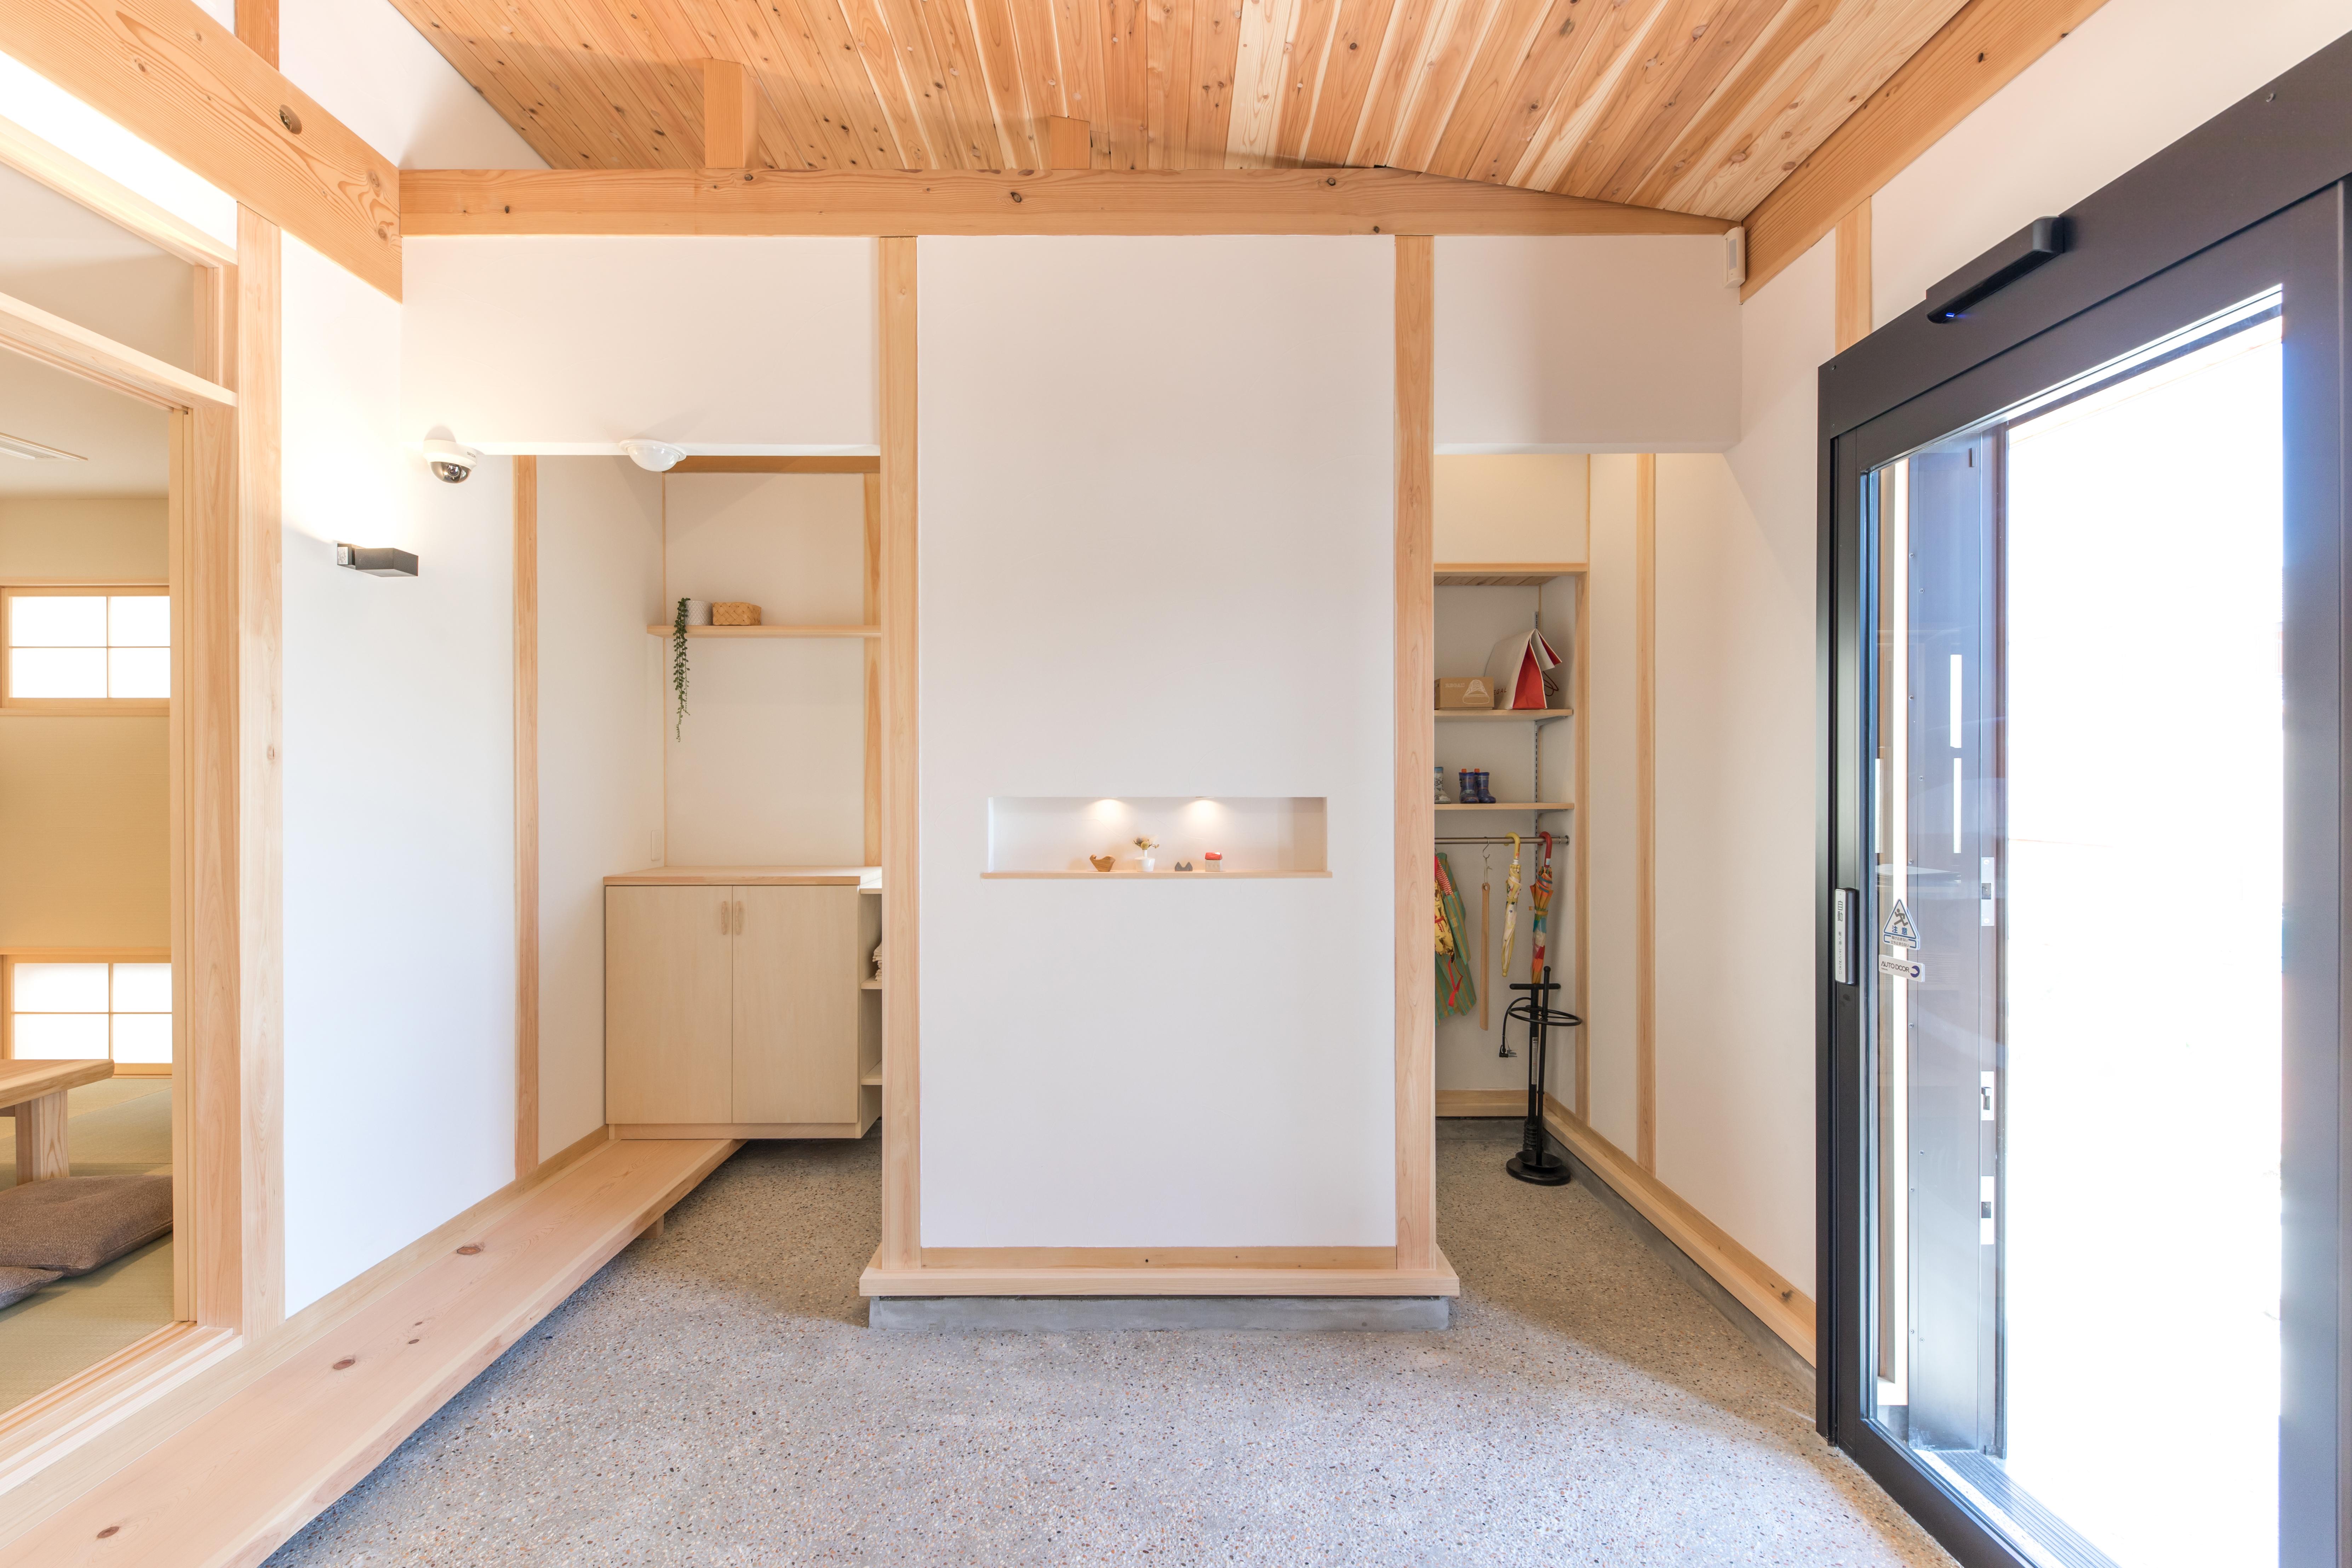 福工房【岡崎市美合町字入込68番地・モデルハウス】『福工房』の代名詞でもある土間。杉板の勾配天井が広がりを感じさせる。脇にはクローク代わりにも使える土間収納を設け機能的に仕上げた